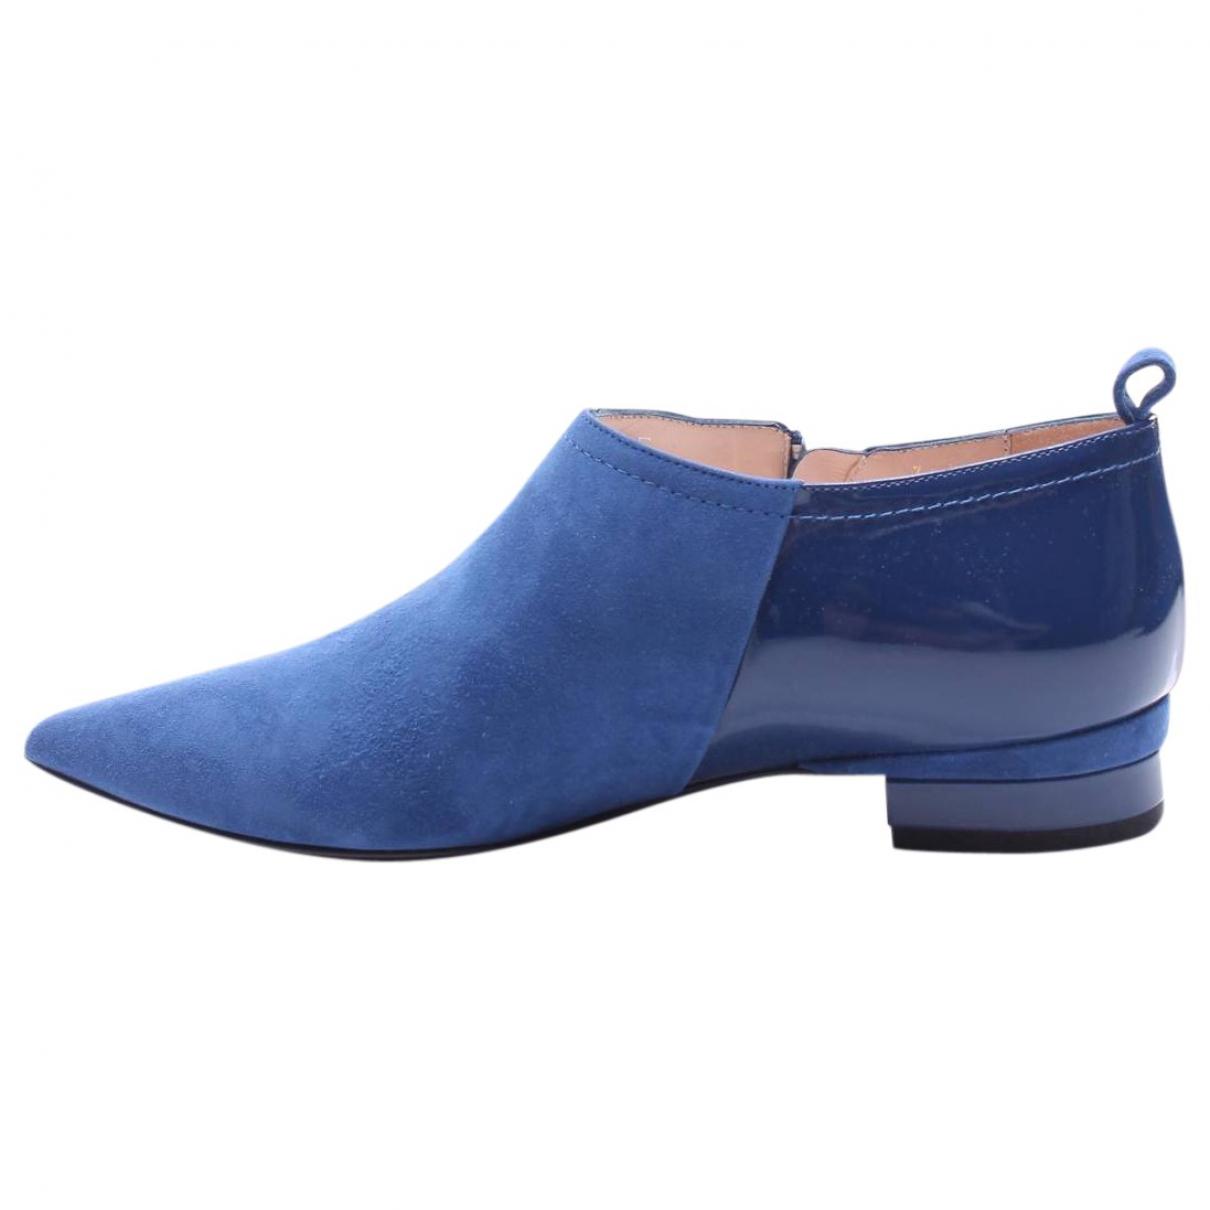 Furla \N Blue Suede Flats for Women 36.5 EU